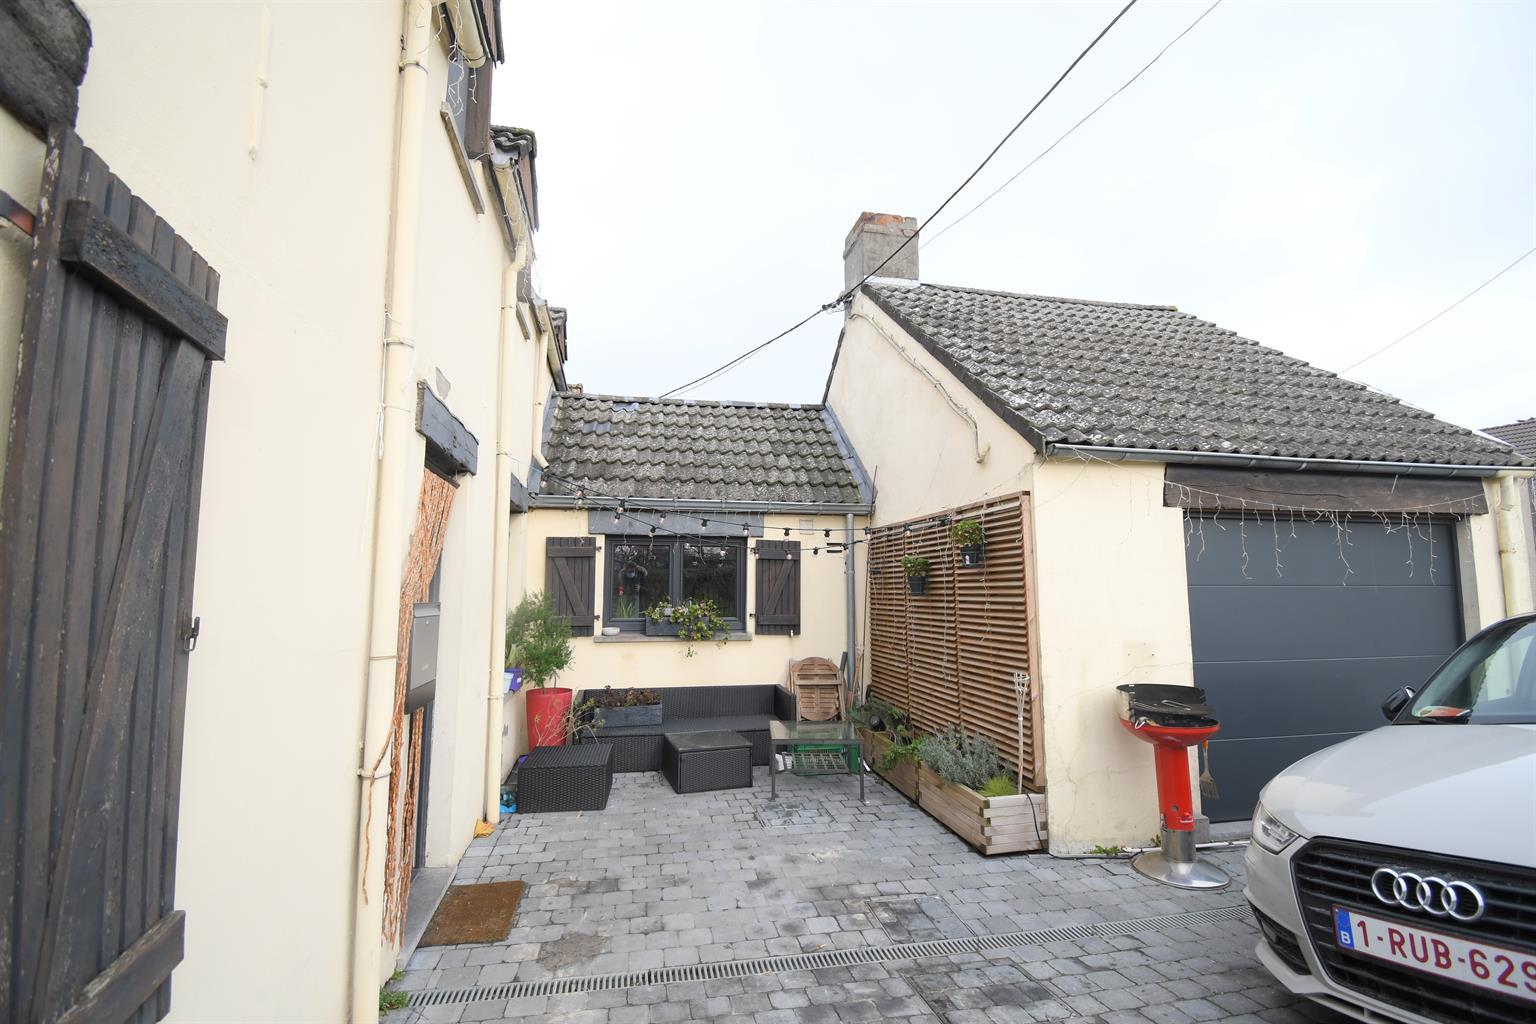 Maison - Braine-le-Comte - #4252190-9